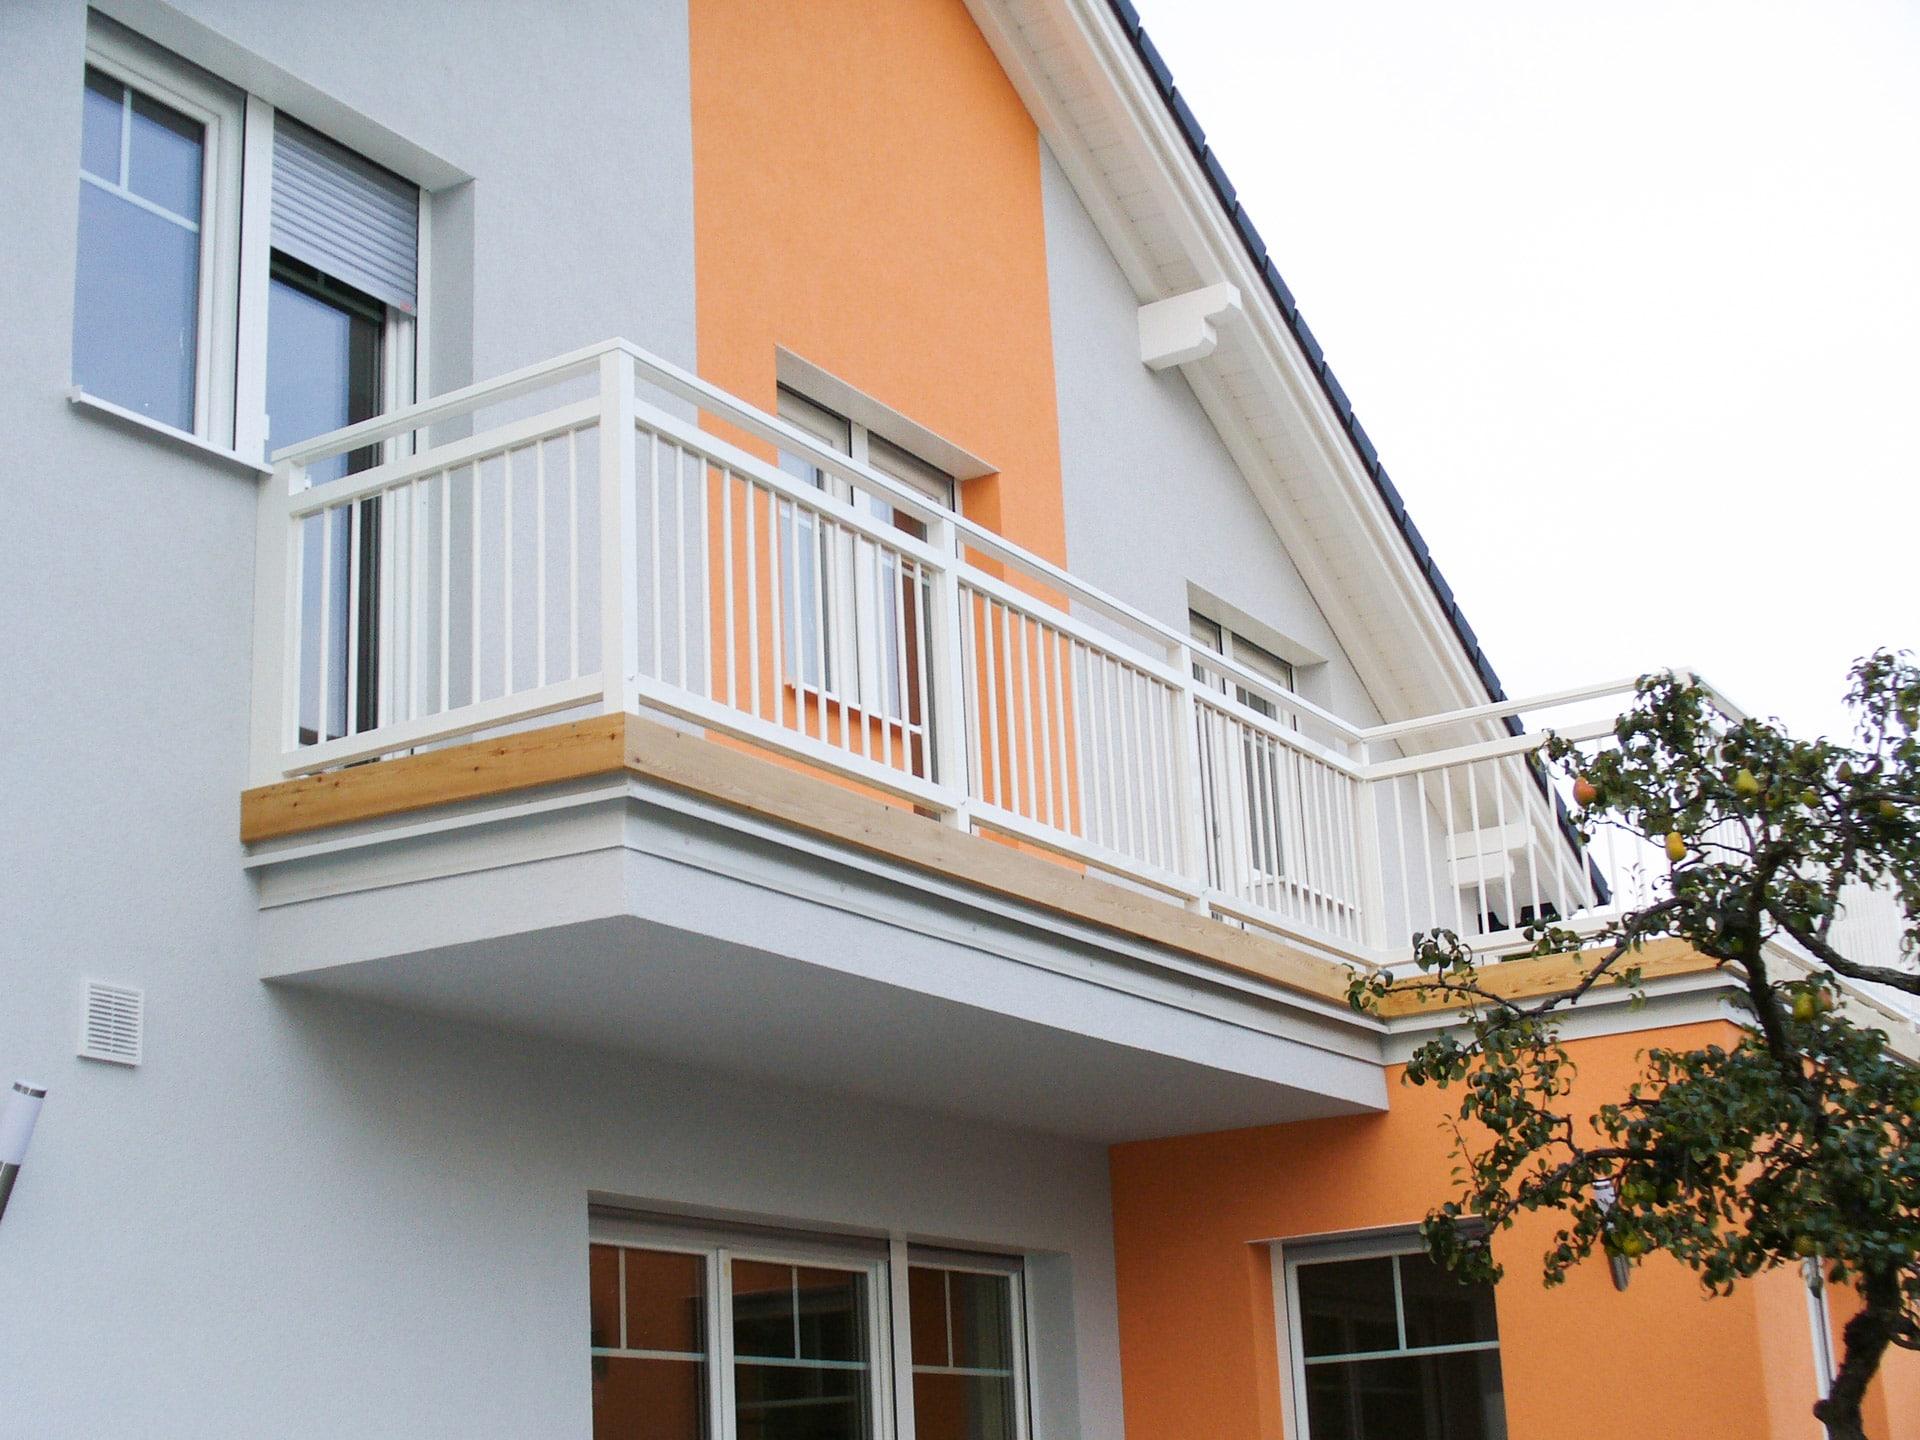 Graz 03 | weißes Aluminium Geländer mit vertikalen senkrechten Alu-Stäben bei Balkon | Svoboda